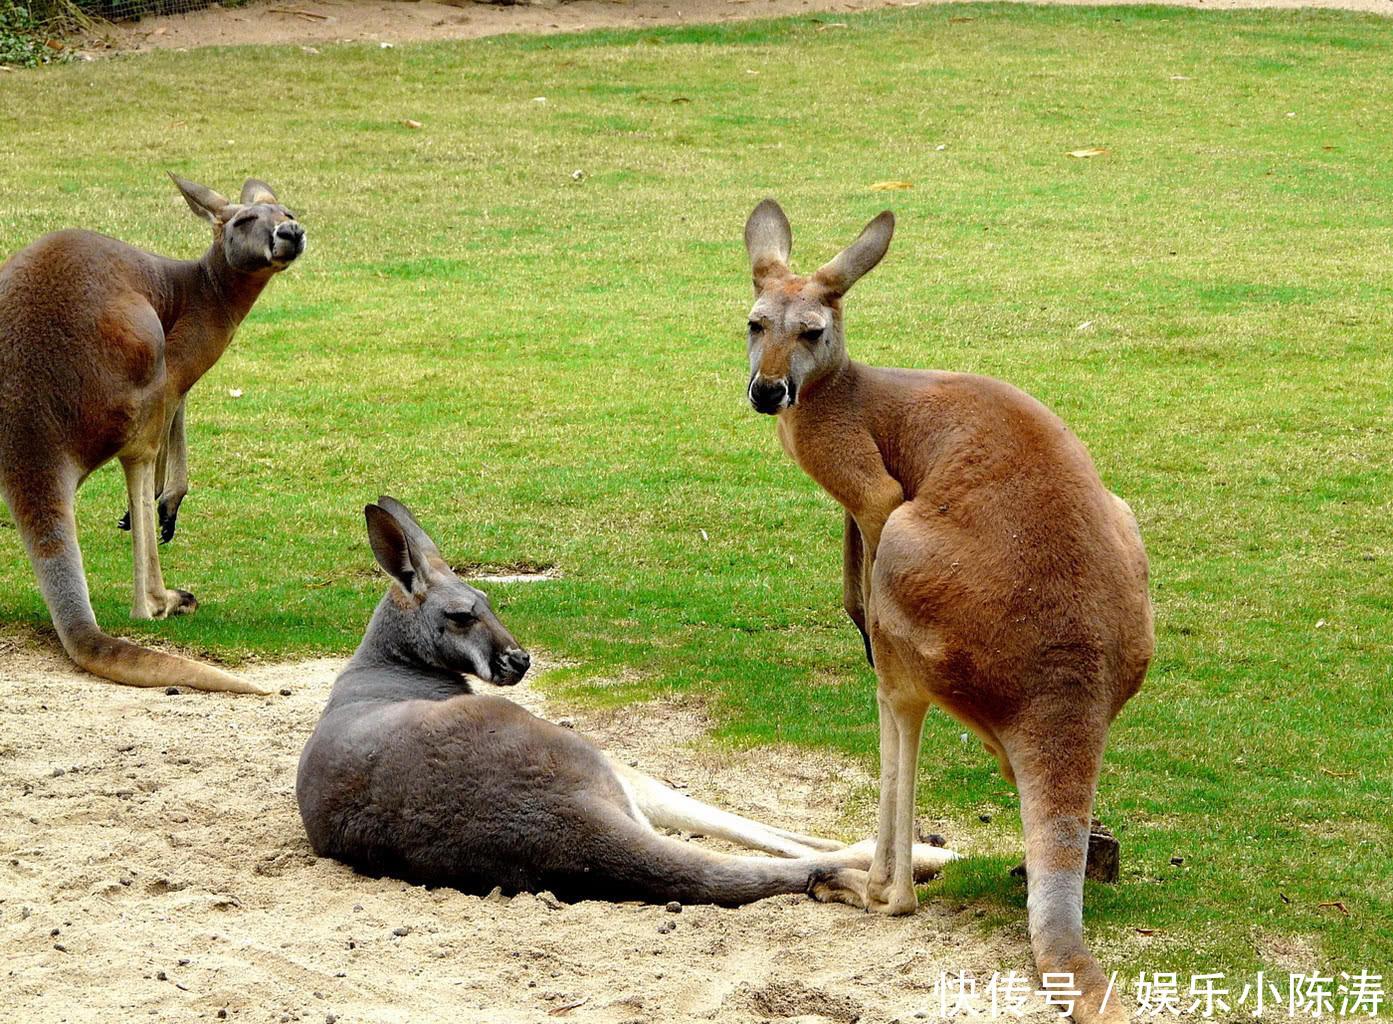 <b>兔灾 狐灾还没解决,澳大利亚引进的世界最大最毒的蟾蜍又泛滥了</b>